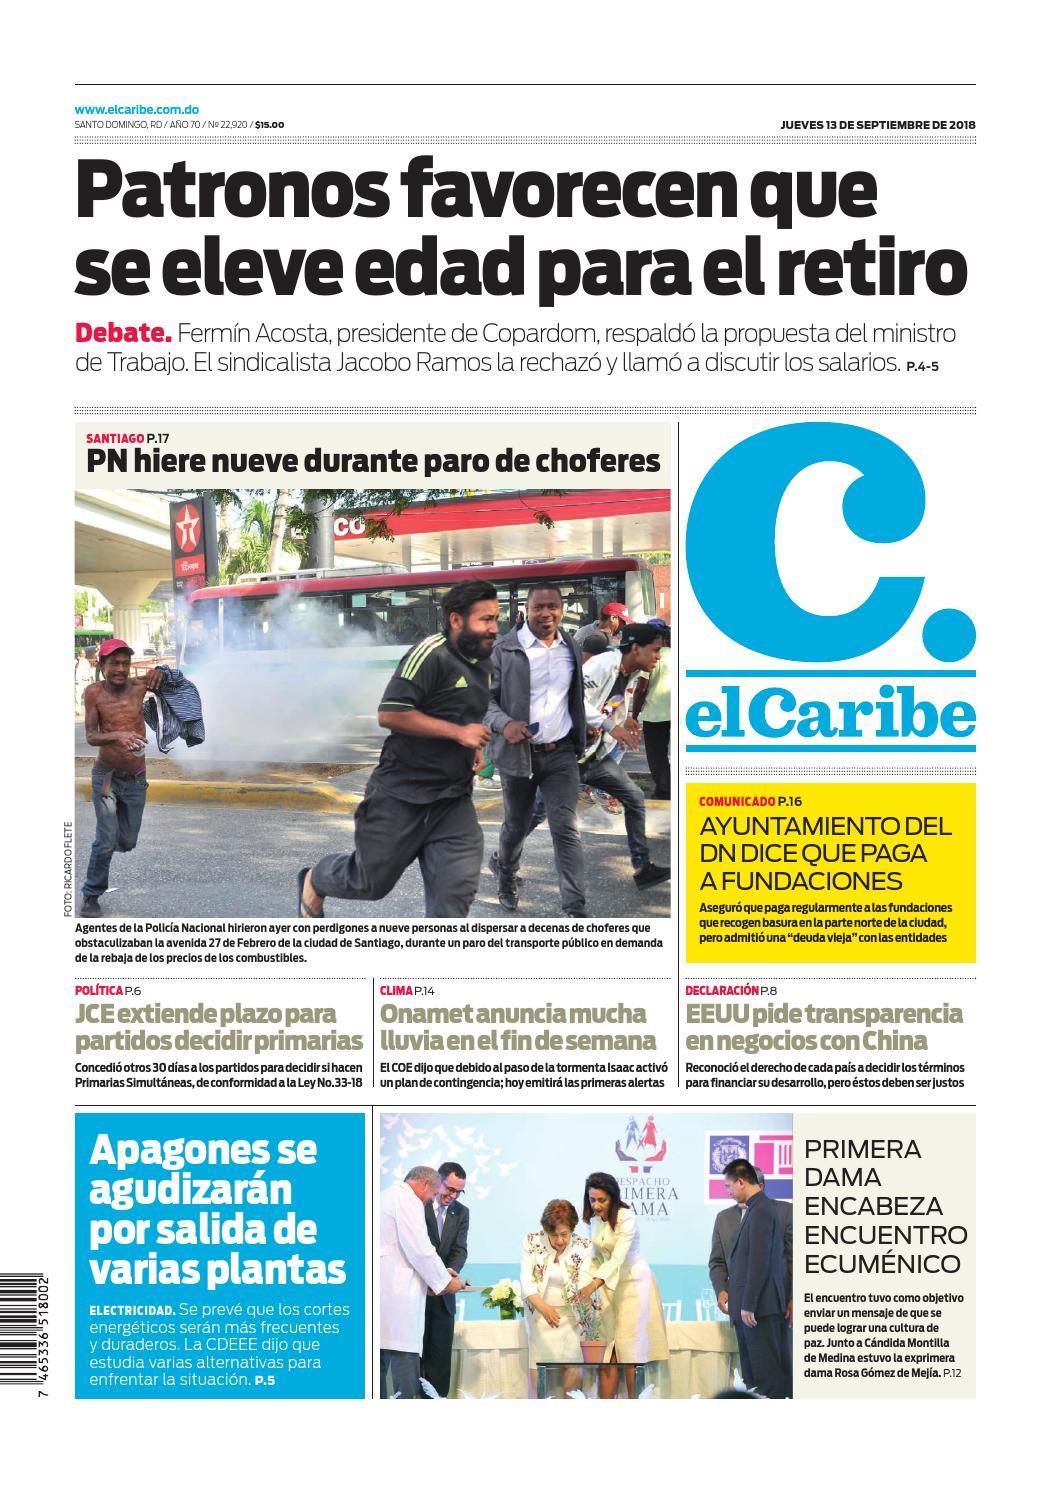 Portada Periódico El Caribe, Jueves 13 de Septiembre 2018